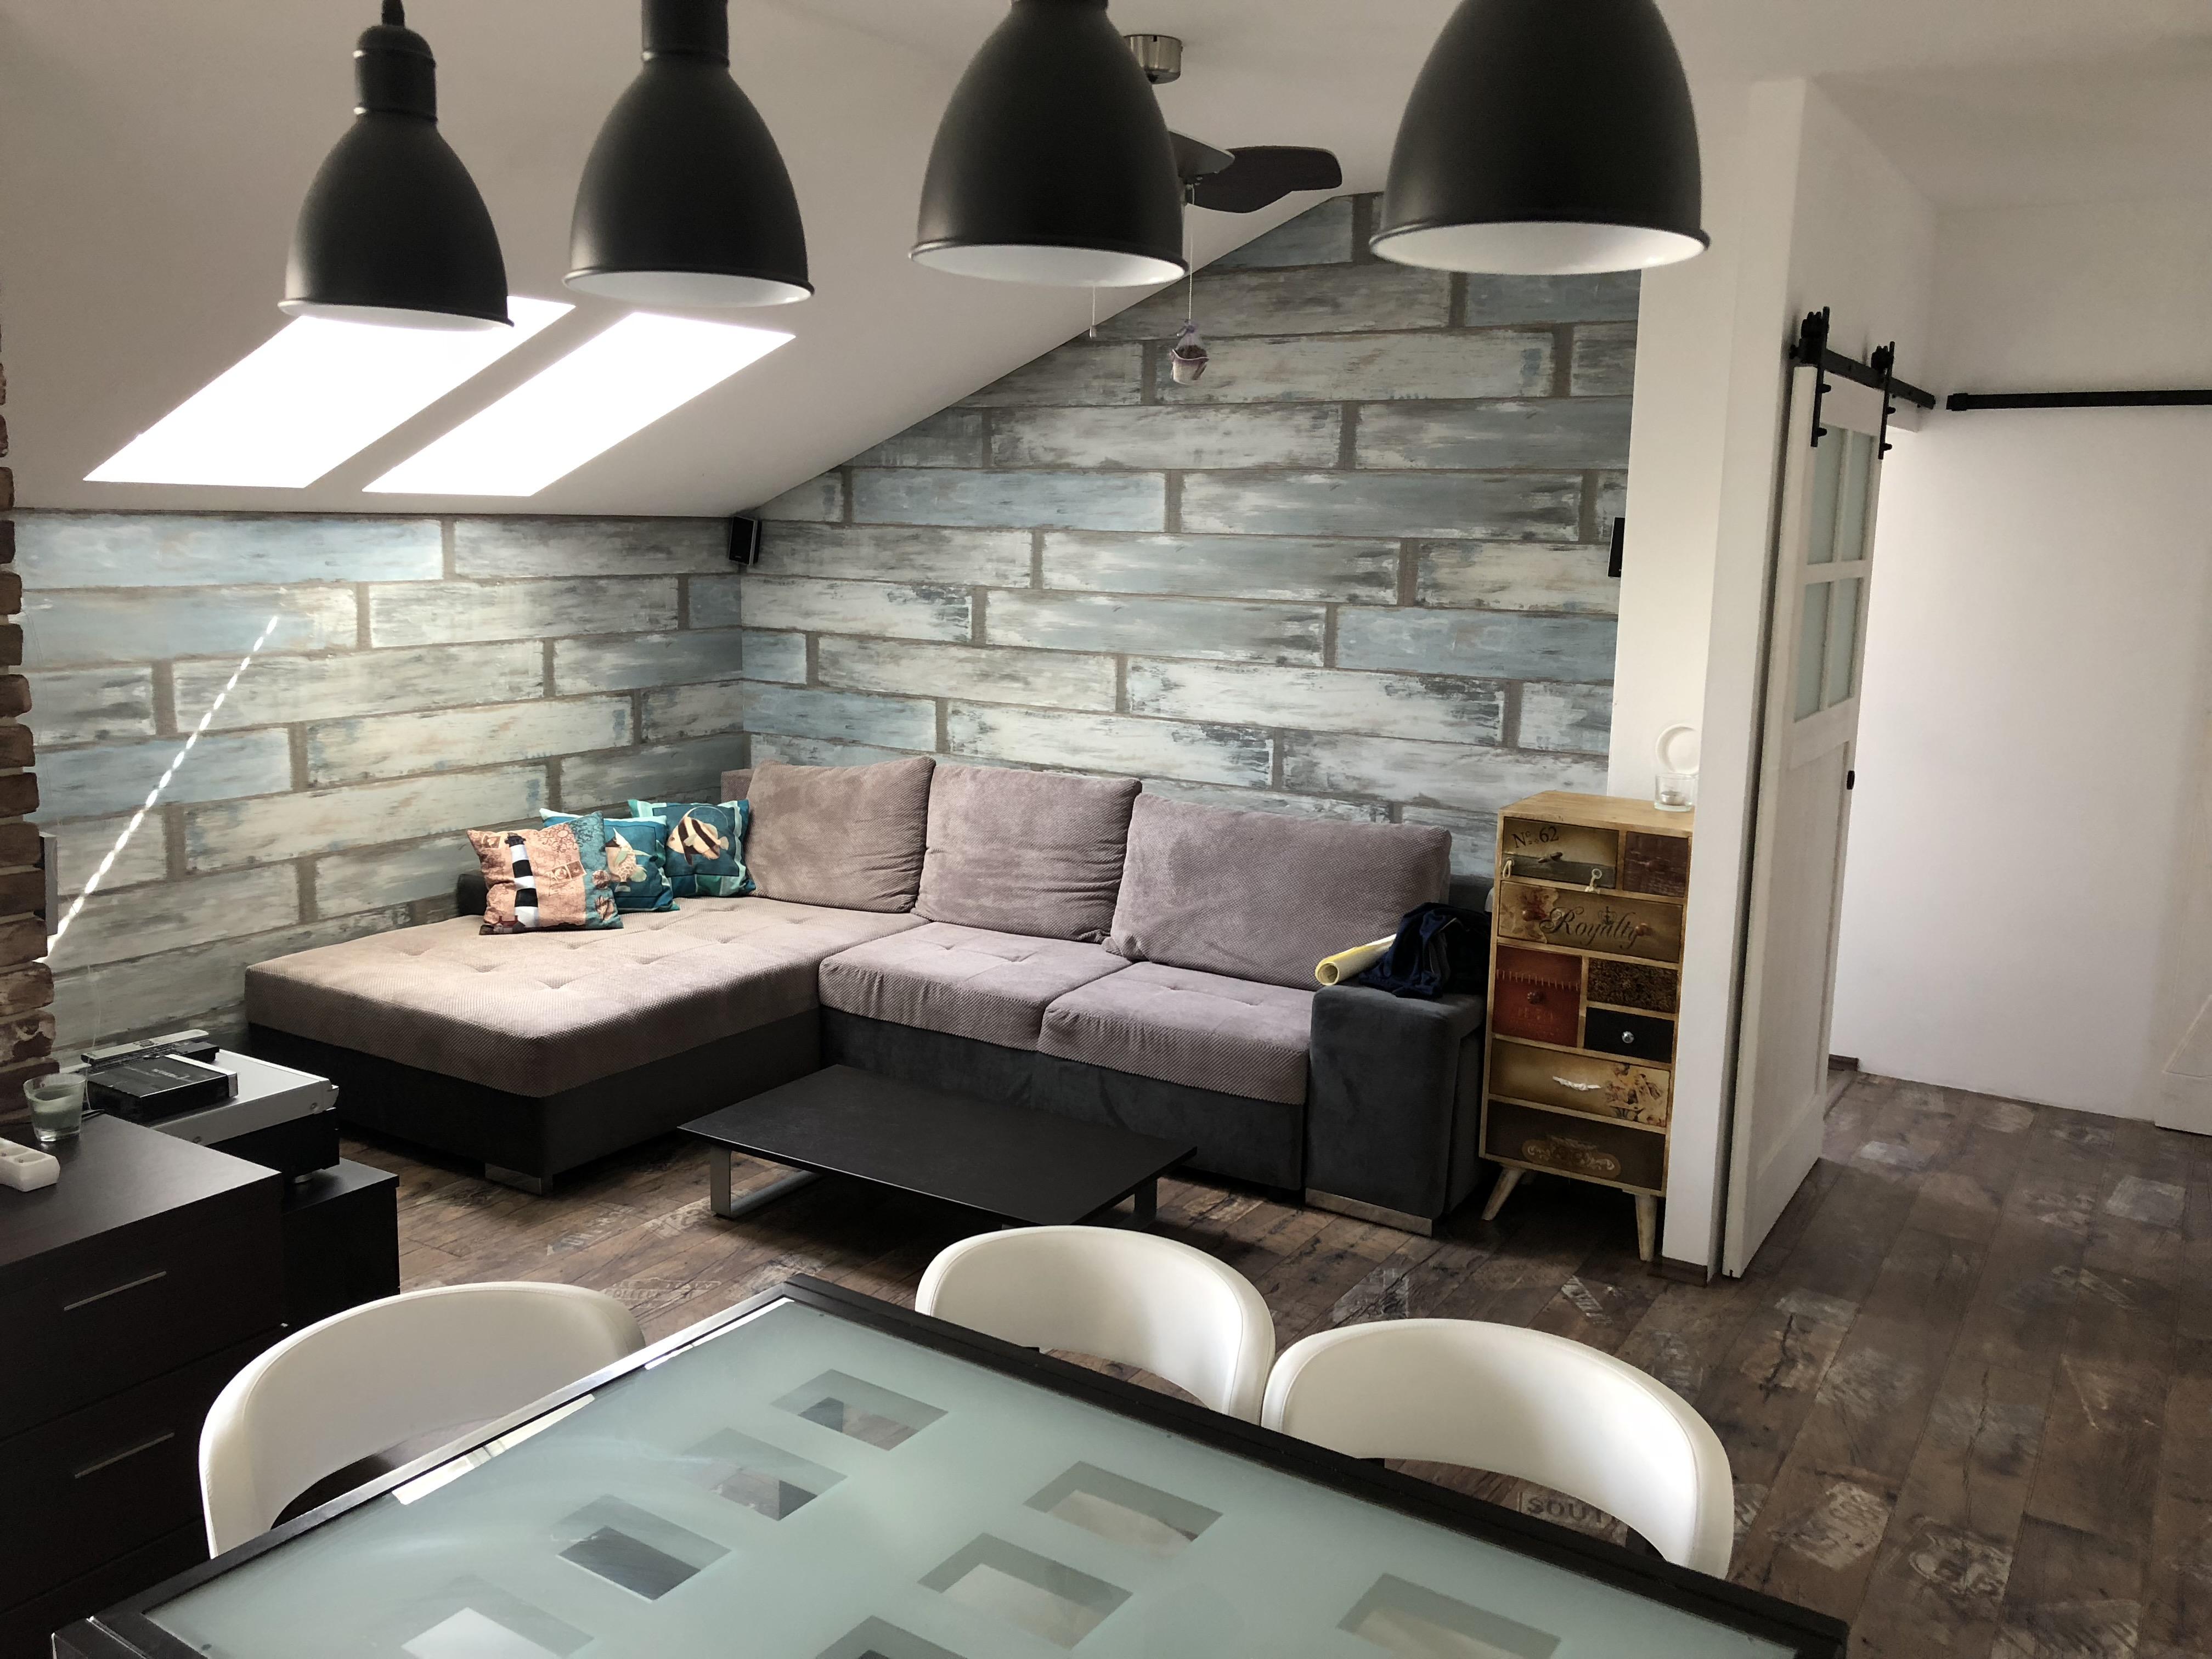 3 izbový apartmán pri mori v Chorvátsku, Biogradská riviera Turanj, 100m2 + garaž, 70m od mora-1